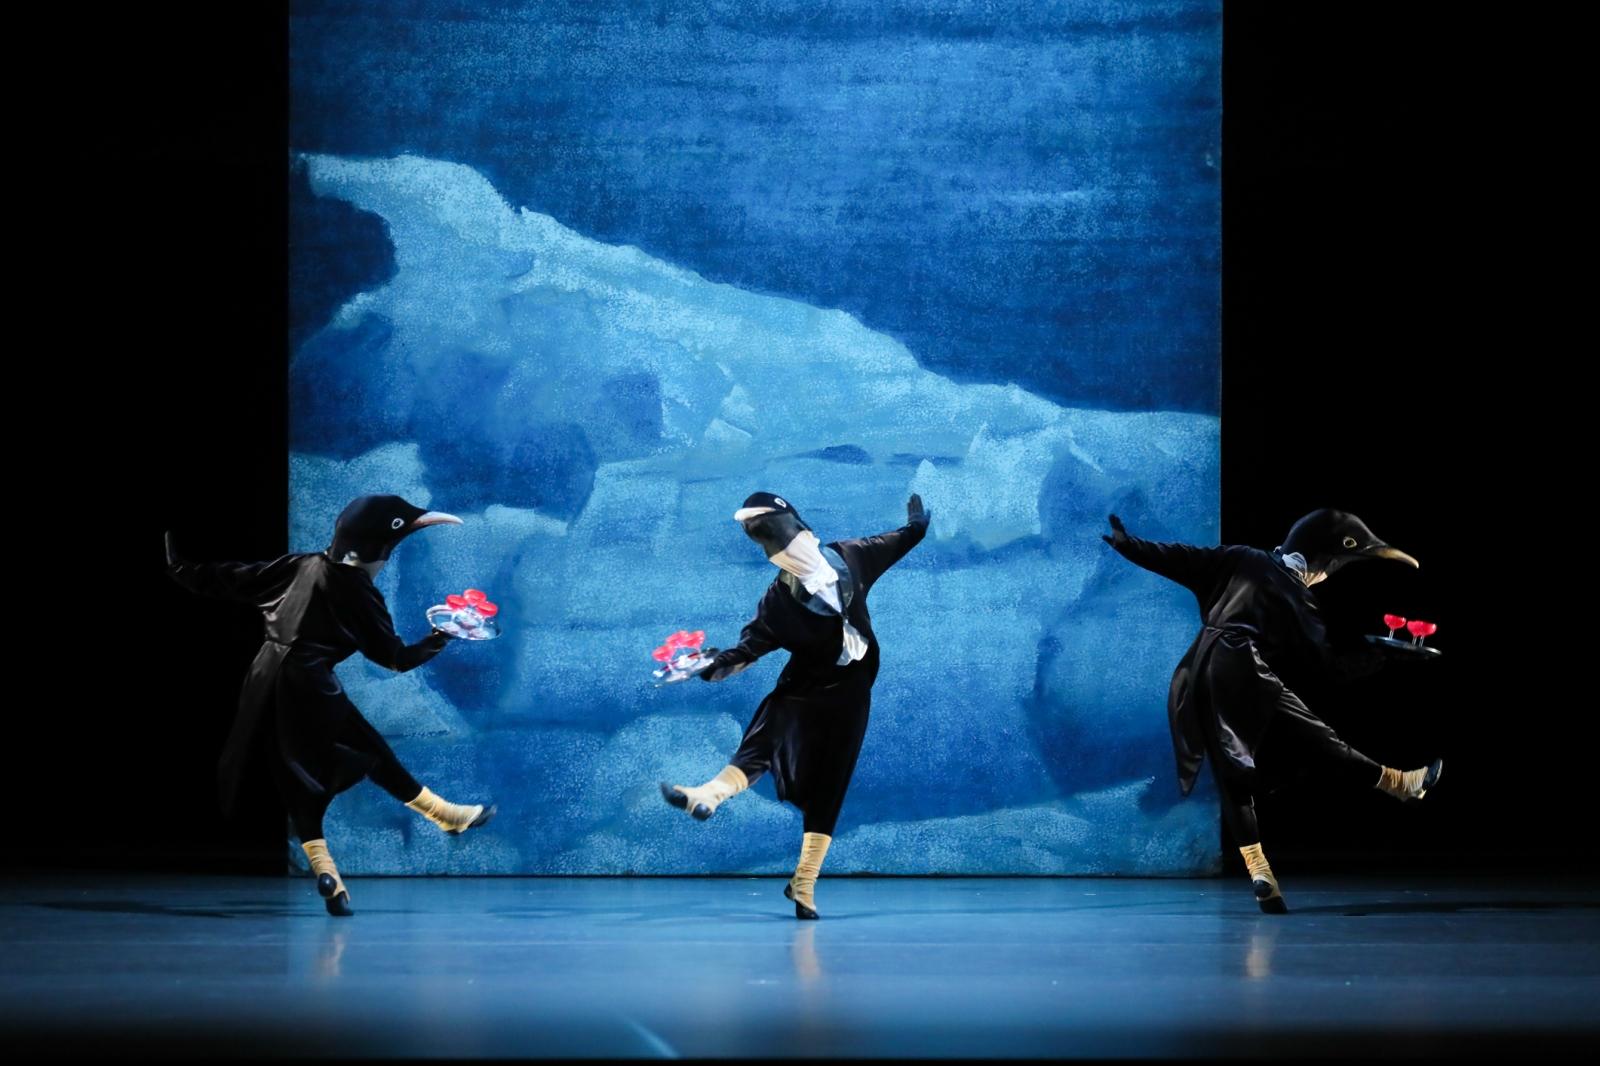 モンキー 歌手 ダンス